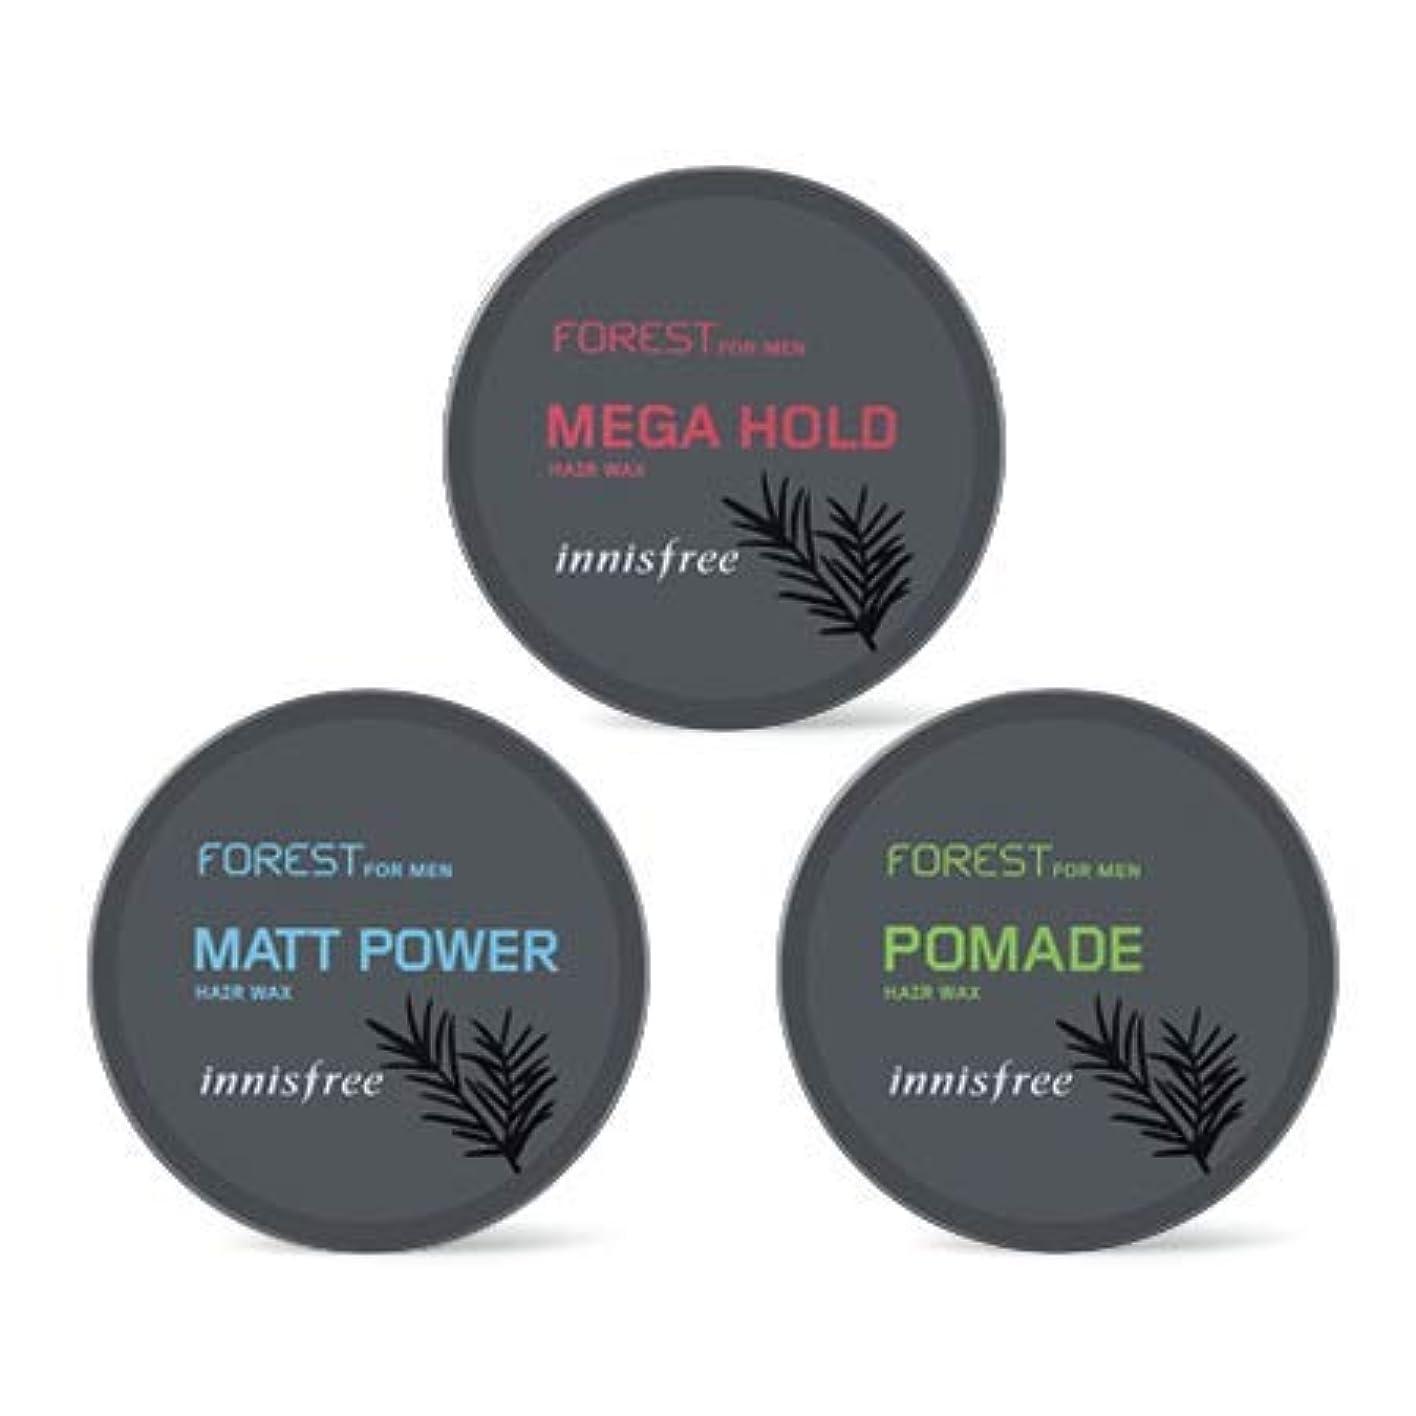 スロープストローク睡眠[イニスフリー.INNISFREE](公式)フォレストフォアマンヘアワックス(3種)/ Forest For Men Hair Wax(60G、3 kind) (# mega hold)